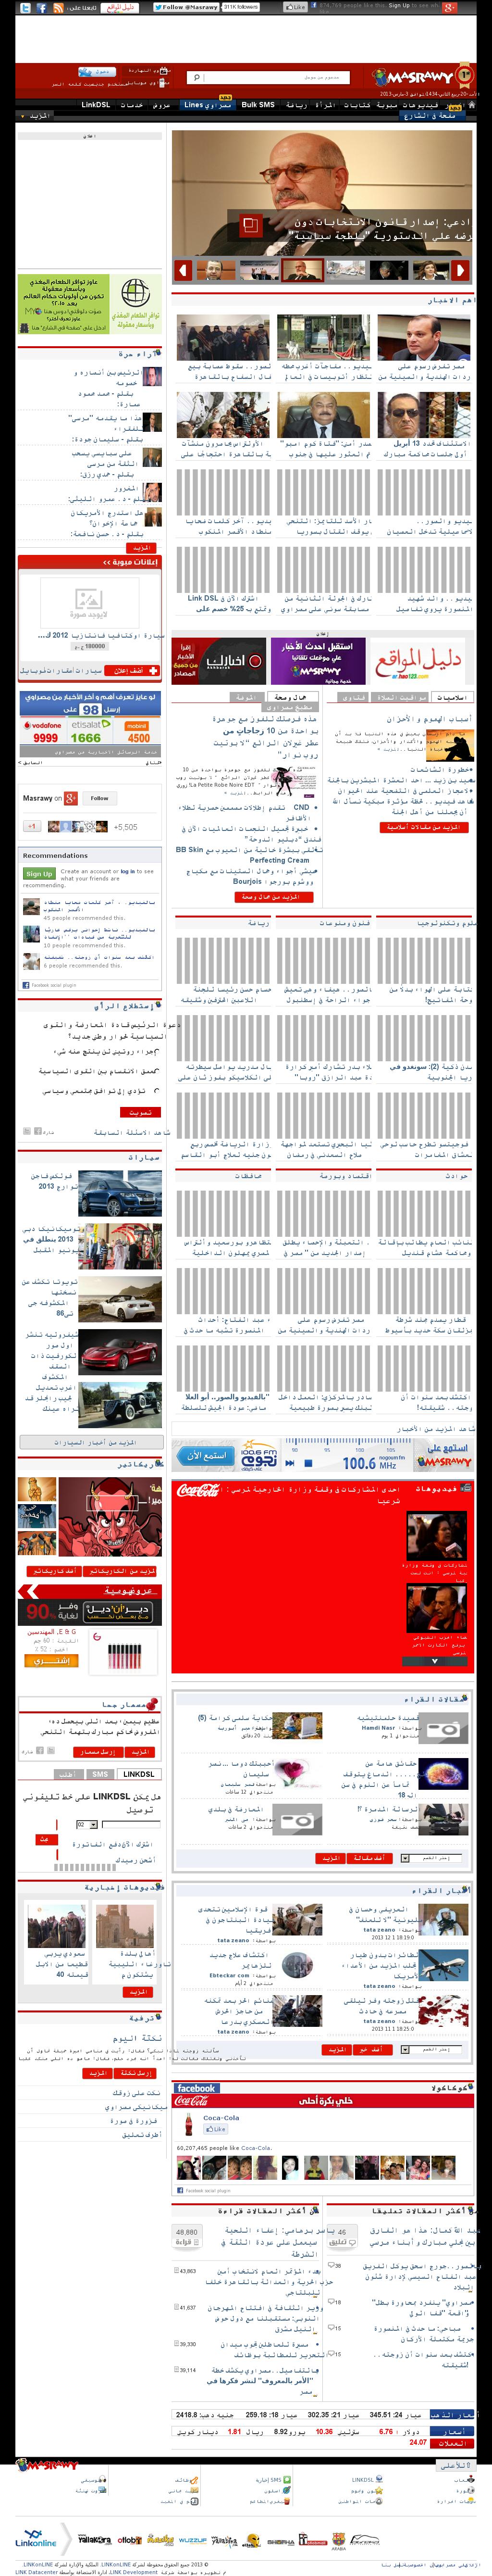 Masrawy at Sunday March 3, 2013, 12:11 p.m. UTC